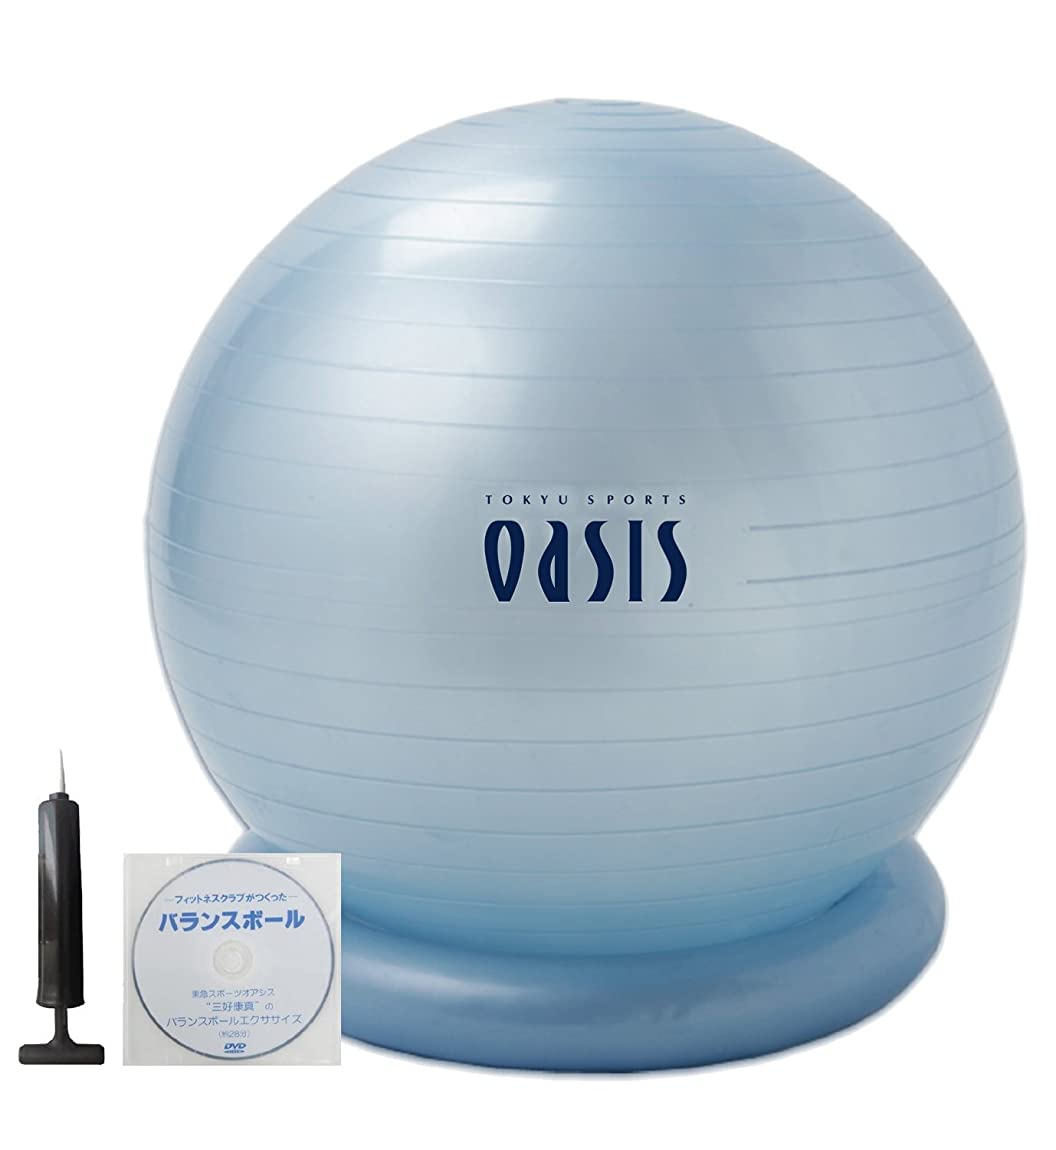 一時解雇する半径フェザー東急スポーツオアシス フィットネスクラブがつくった バランスボール 75cm (リング & エクササイズDVD & ハンドポンプ付き) FB-800 (アイスブルー)